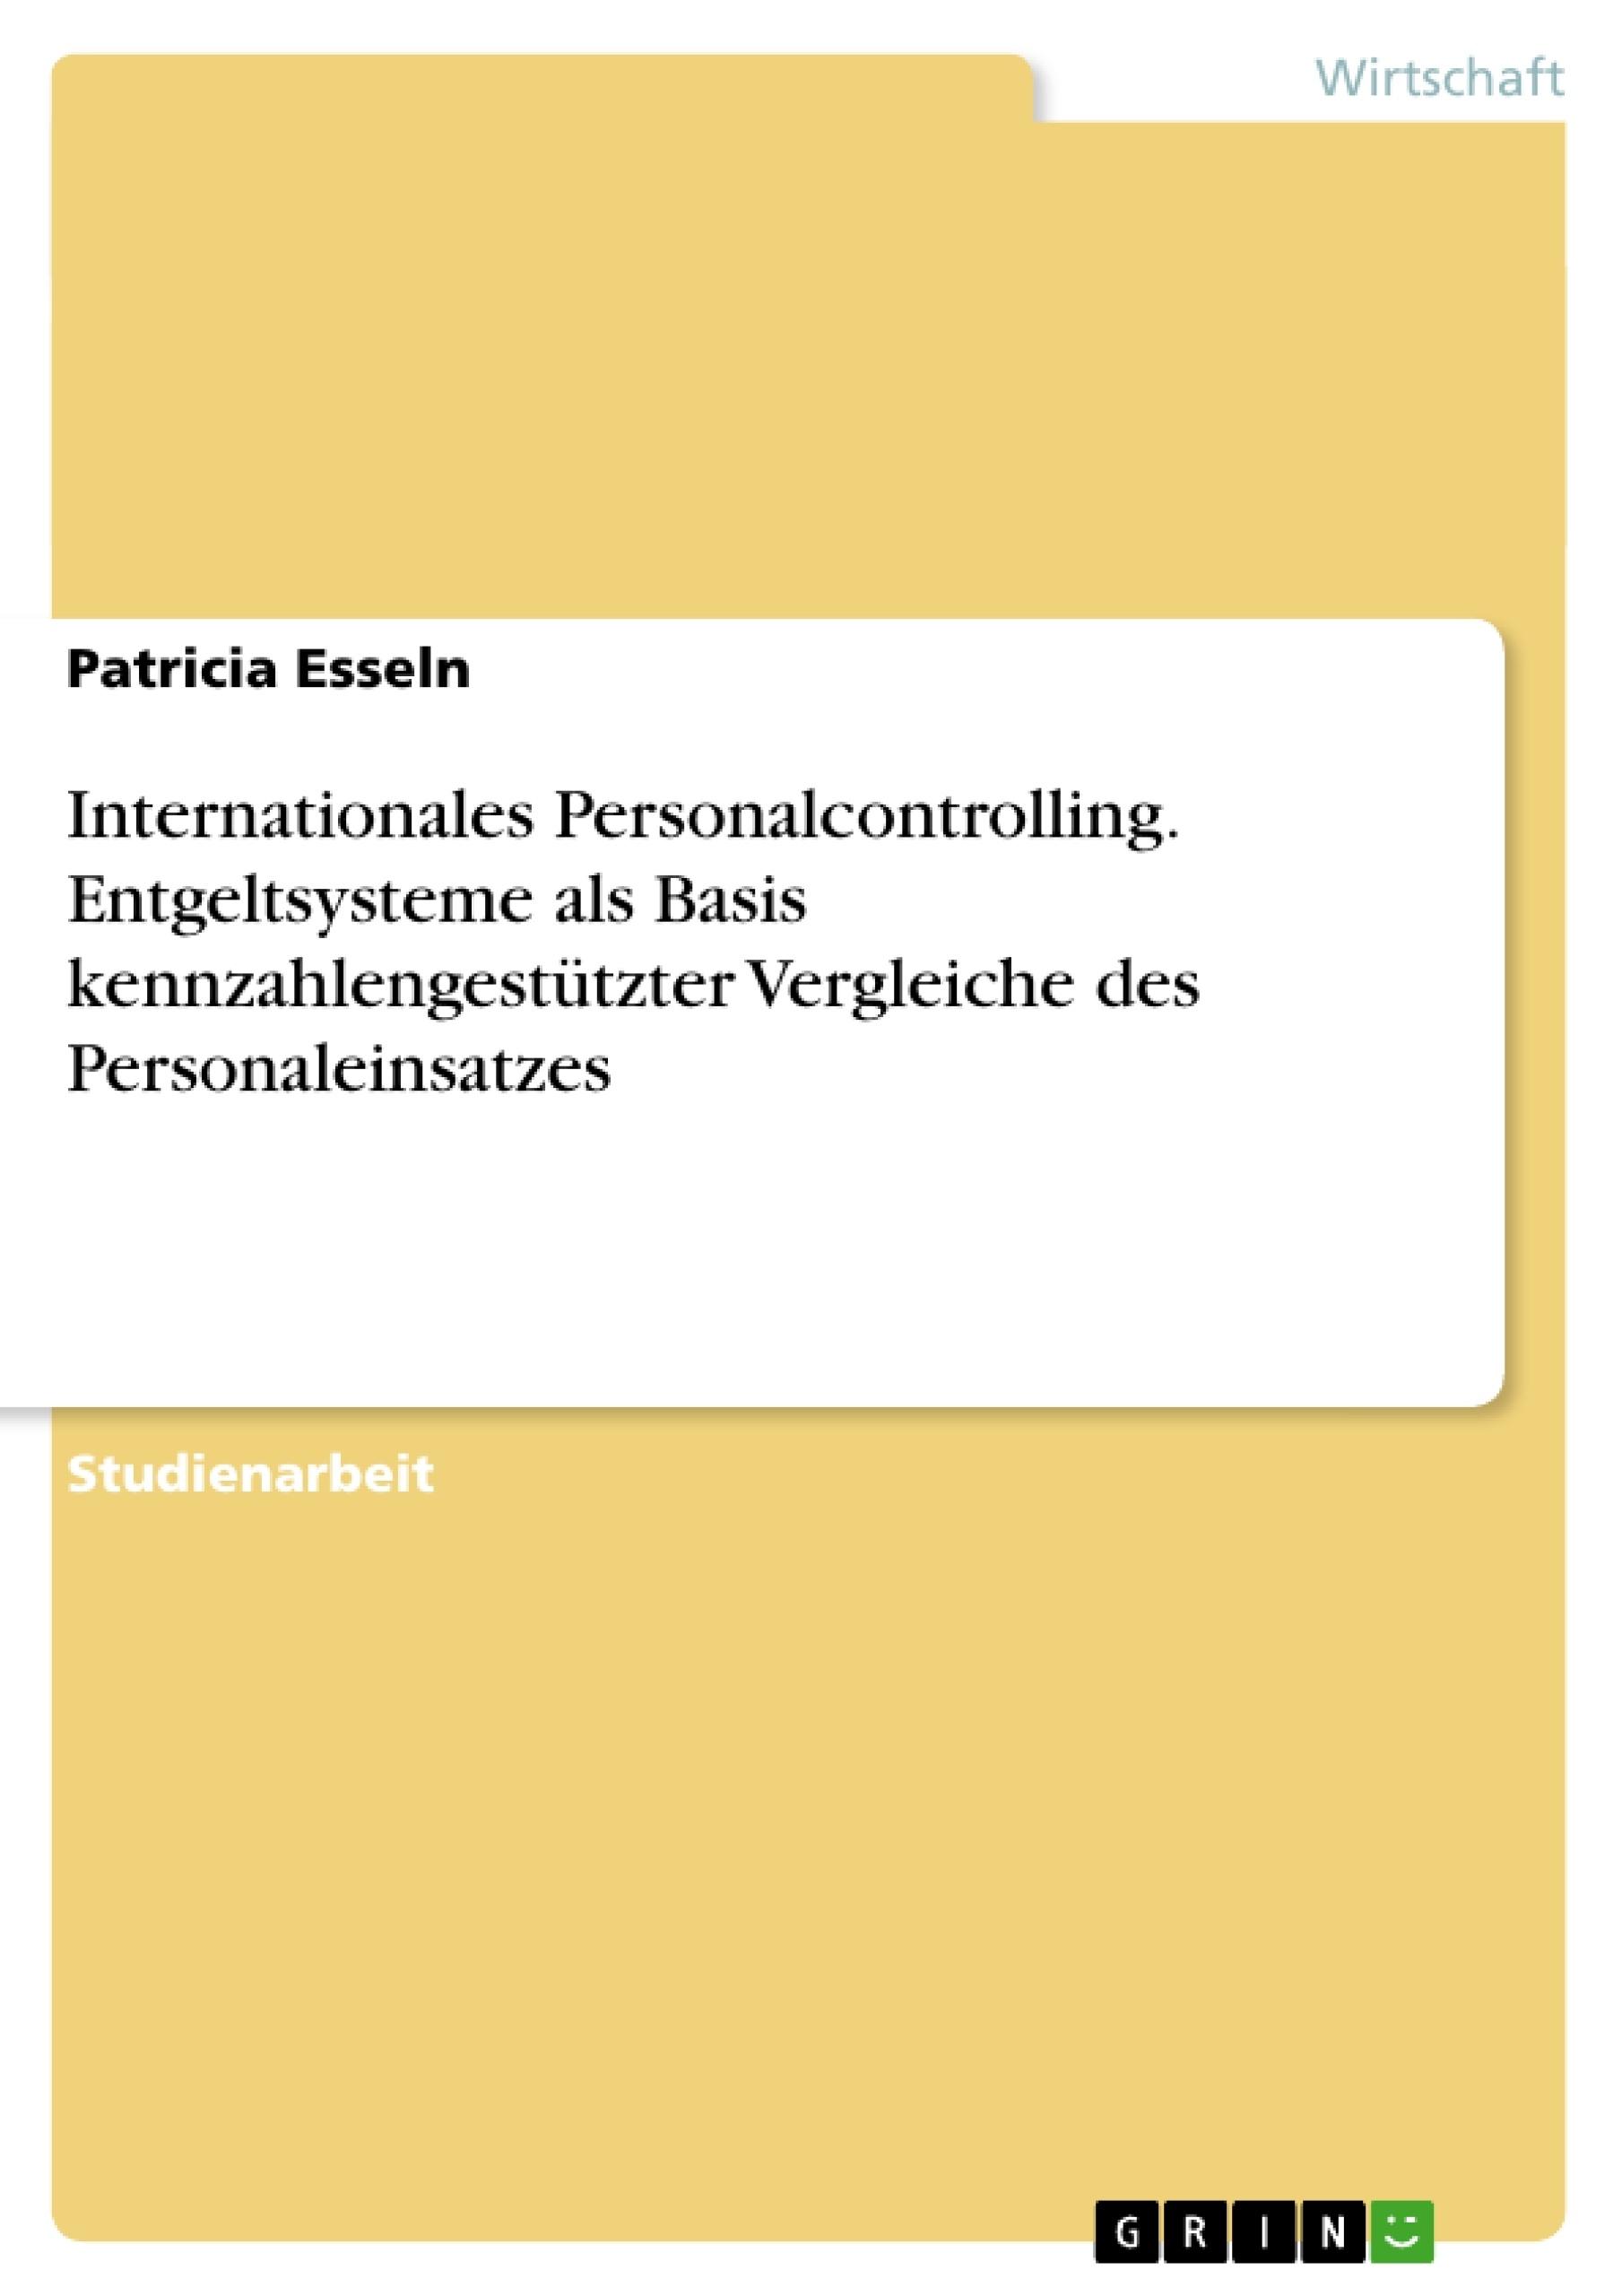 Titel: Internationales Personalcontrolling. Entgeltsysteme als Basis kennzahlengestützter Vergleiche des Personaleinsatzes